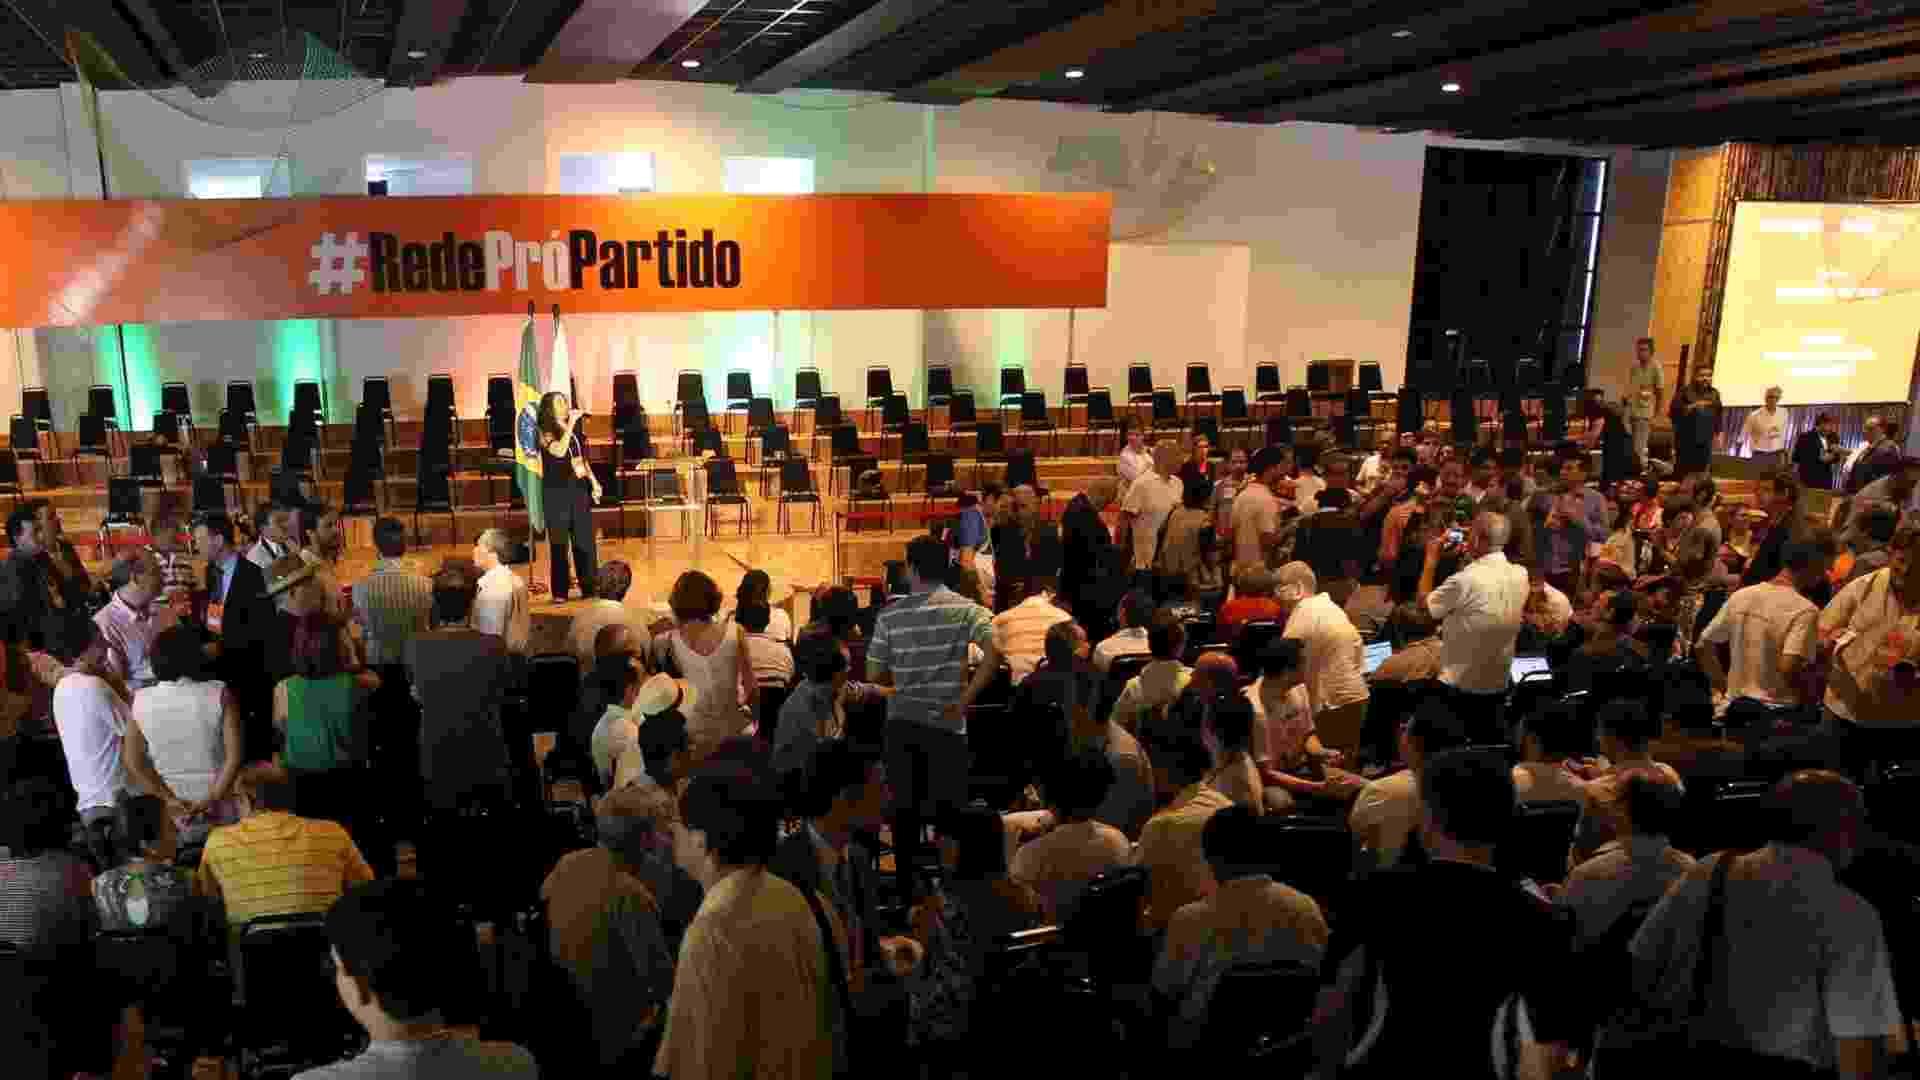 16.fev.2013 - Evento lança novo partido da ex-senadora Marina Silva, neste sábado (16), em Brasília (DF) - Roberto Jayme/UOL